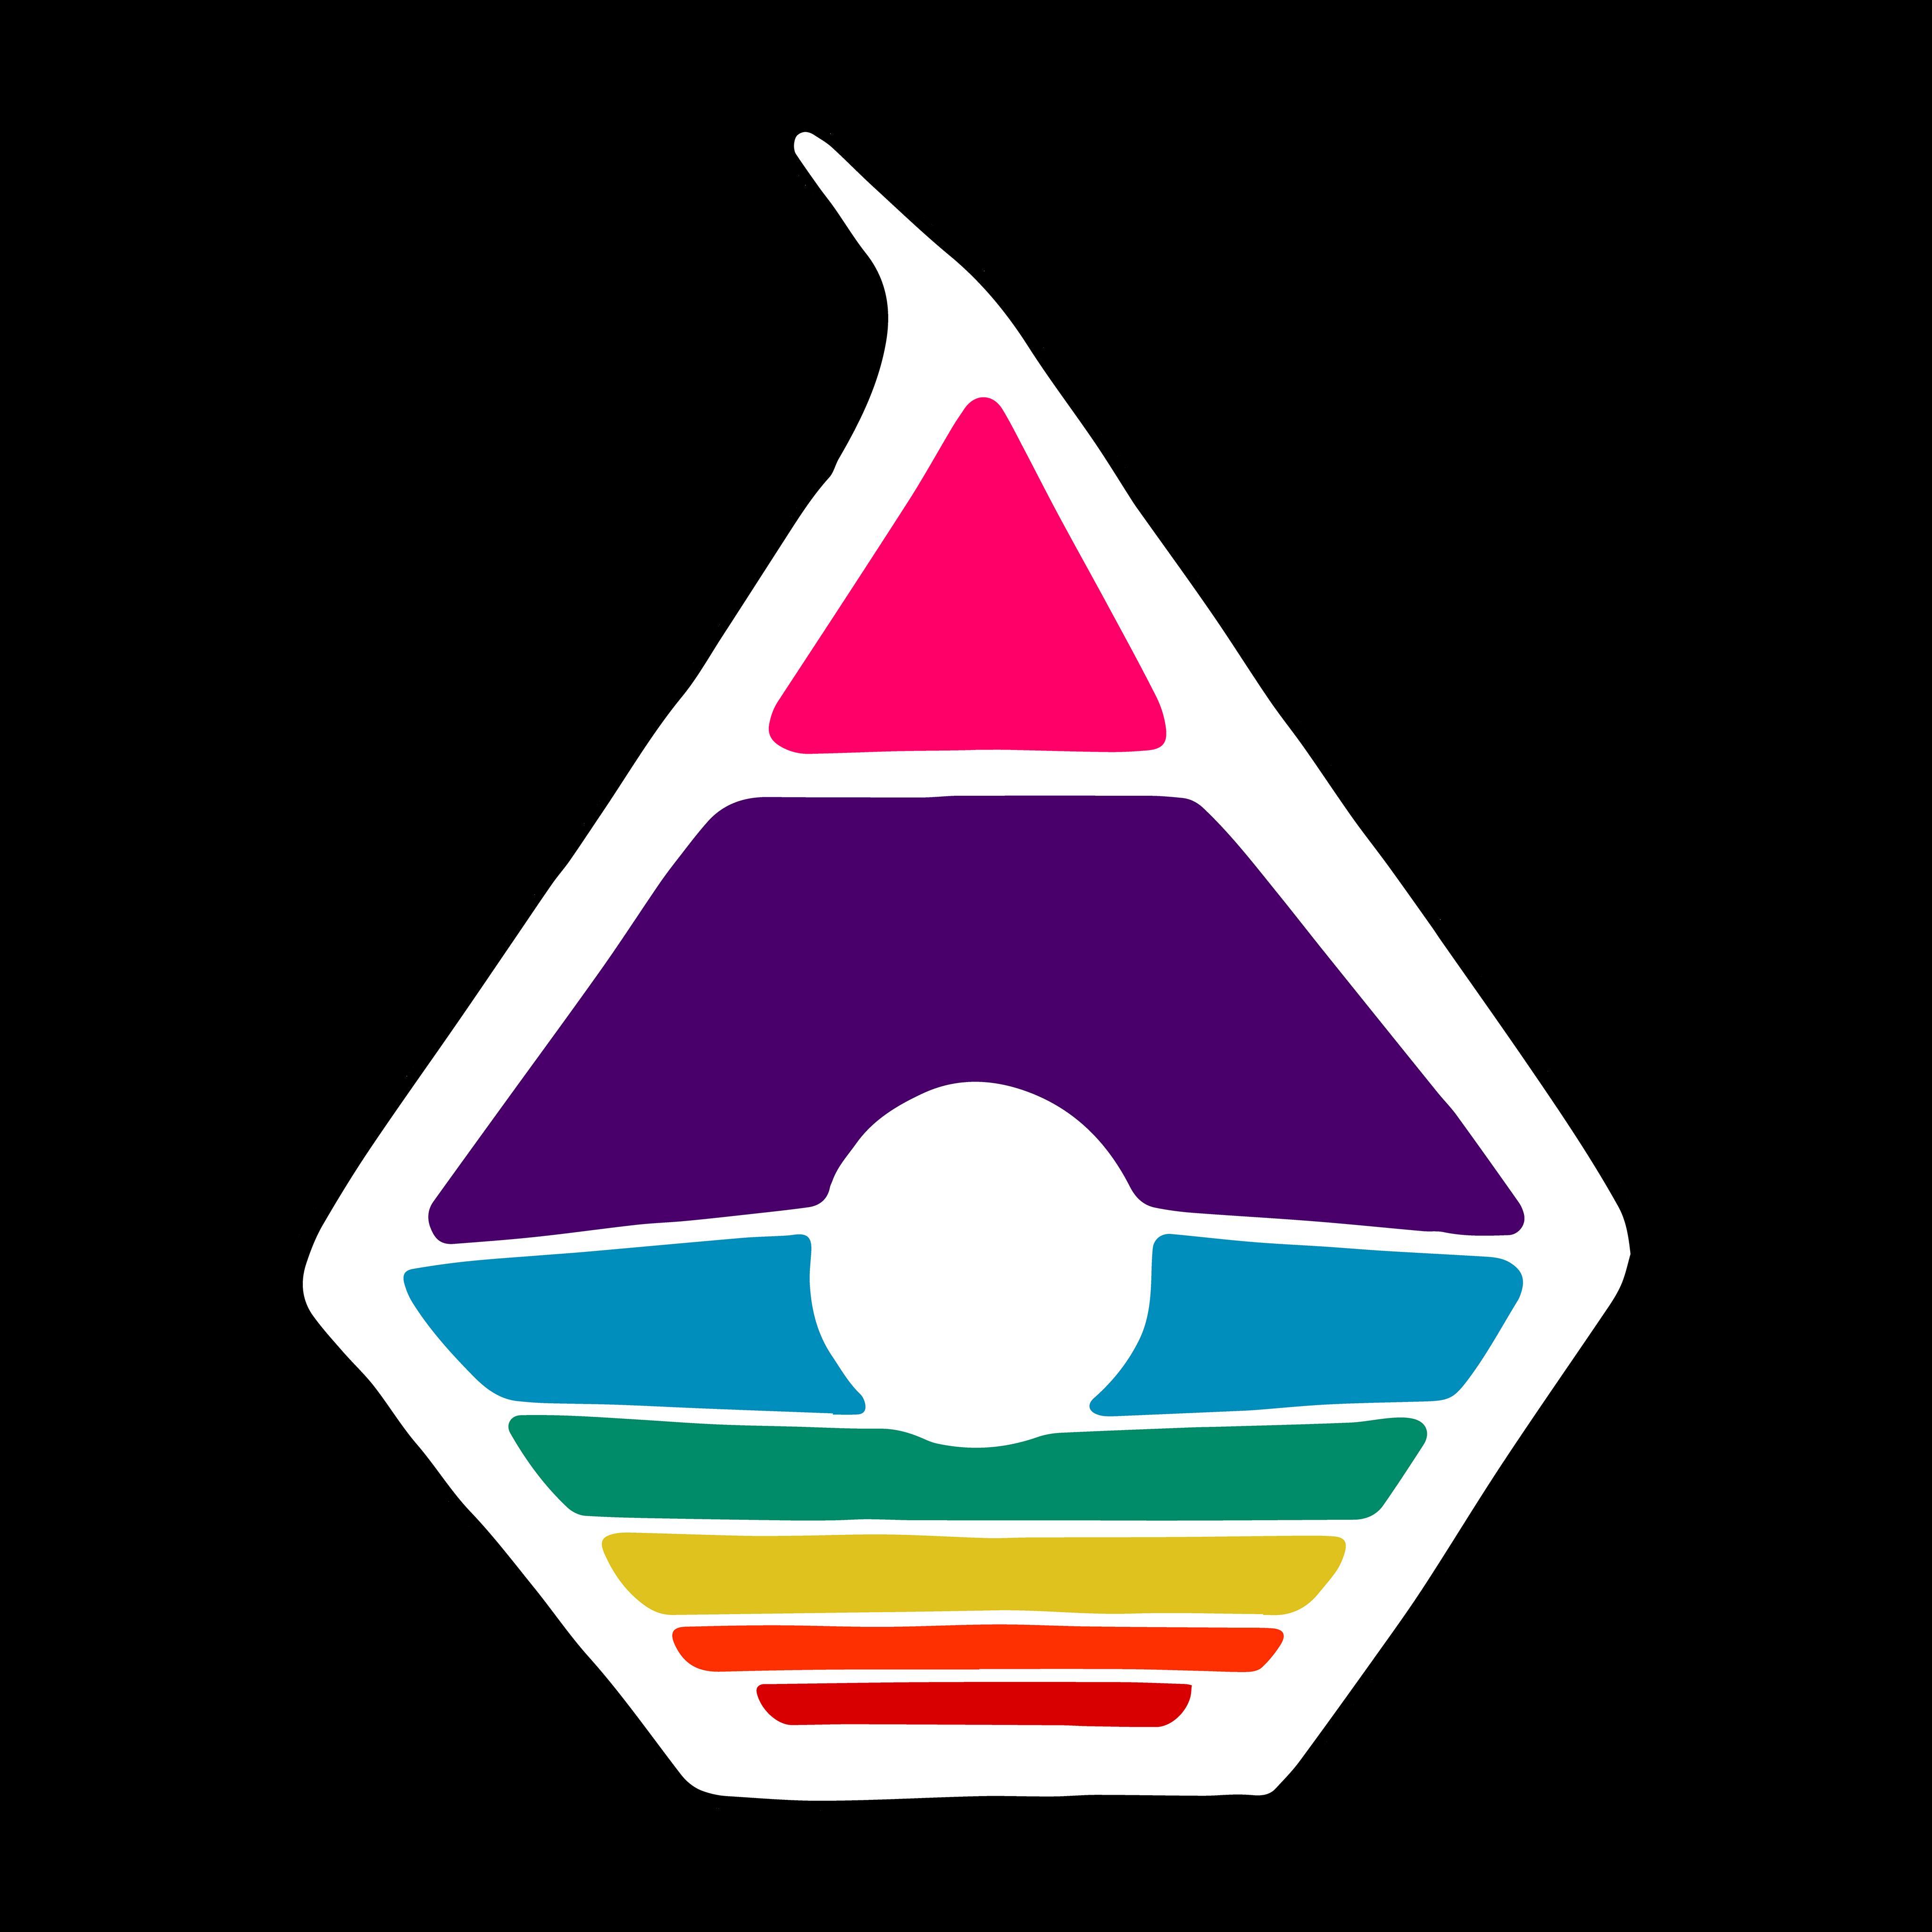 kRss logo